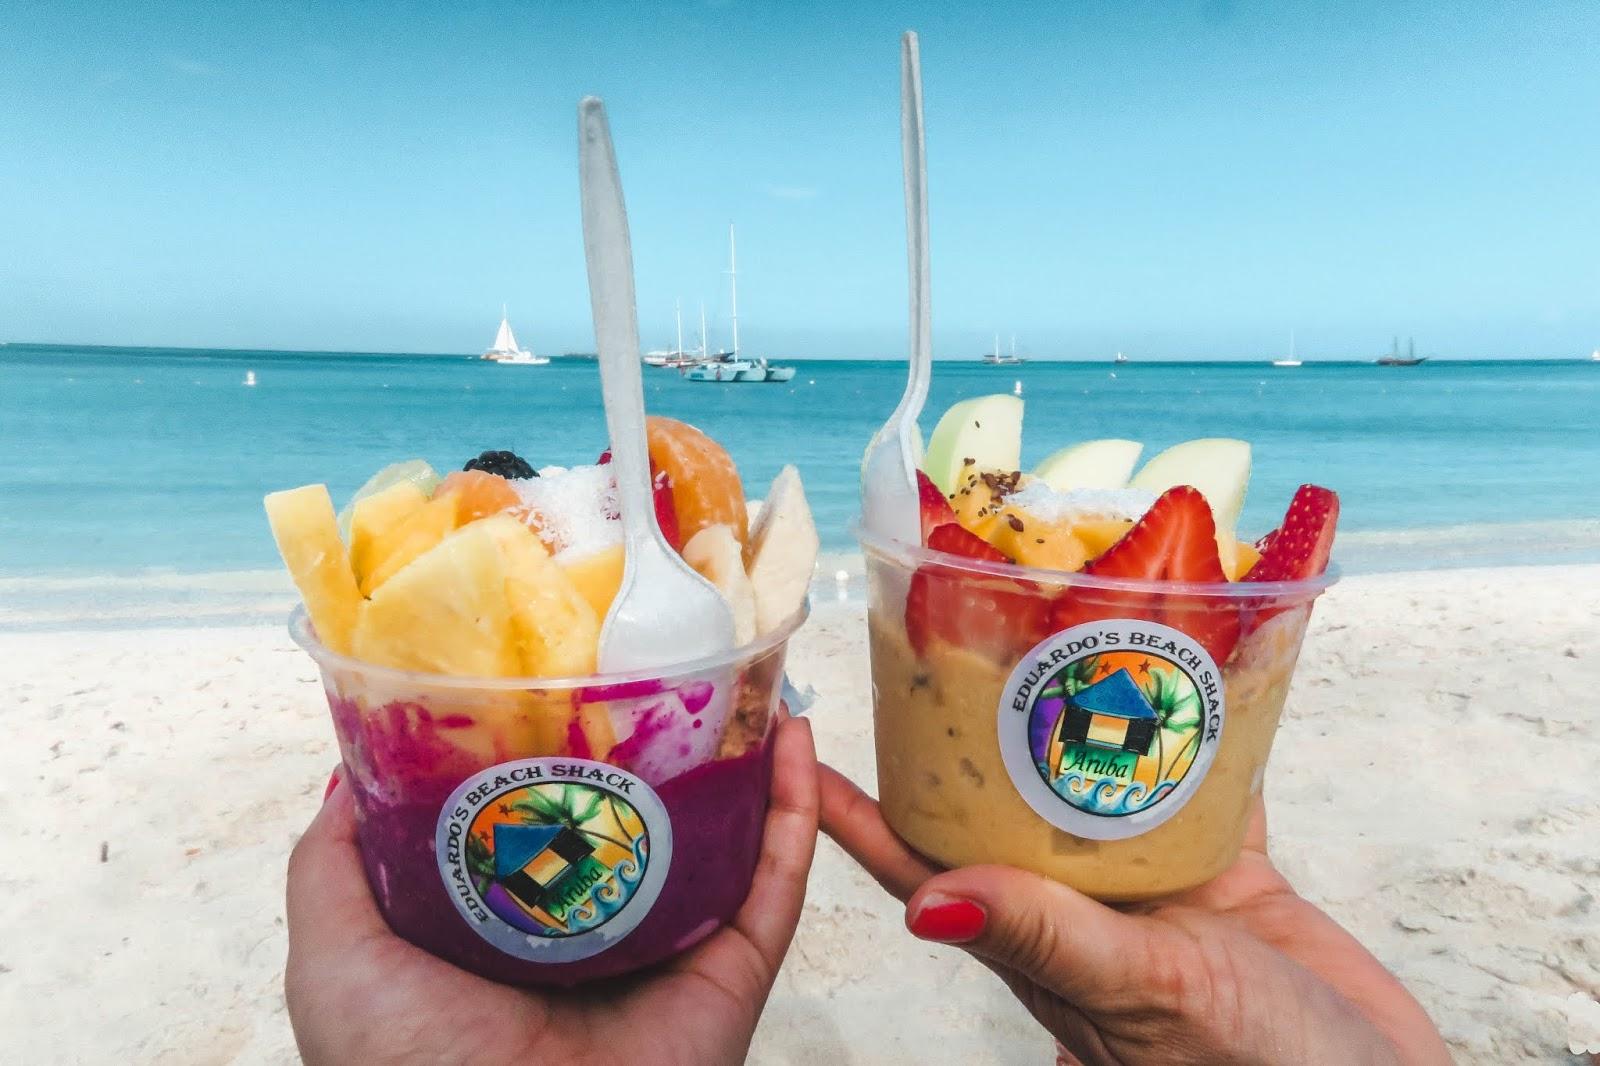 Eduardos's Beach Shack Aruba